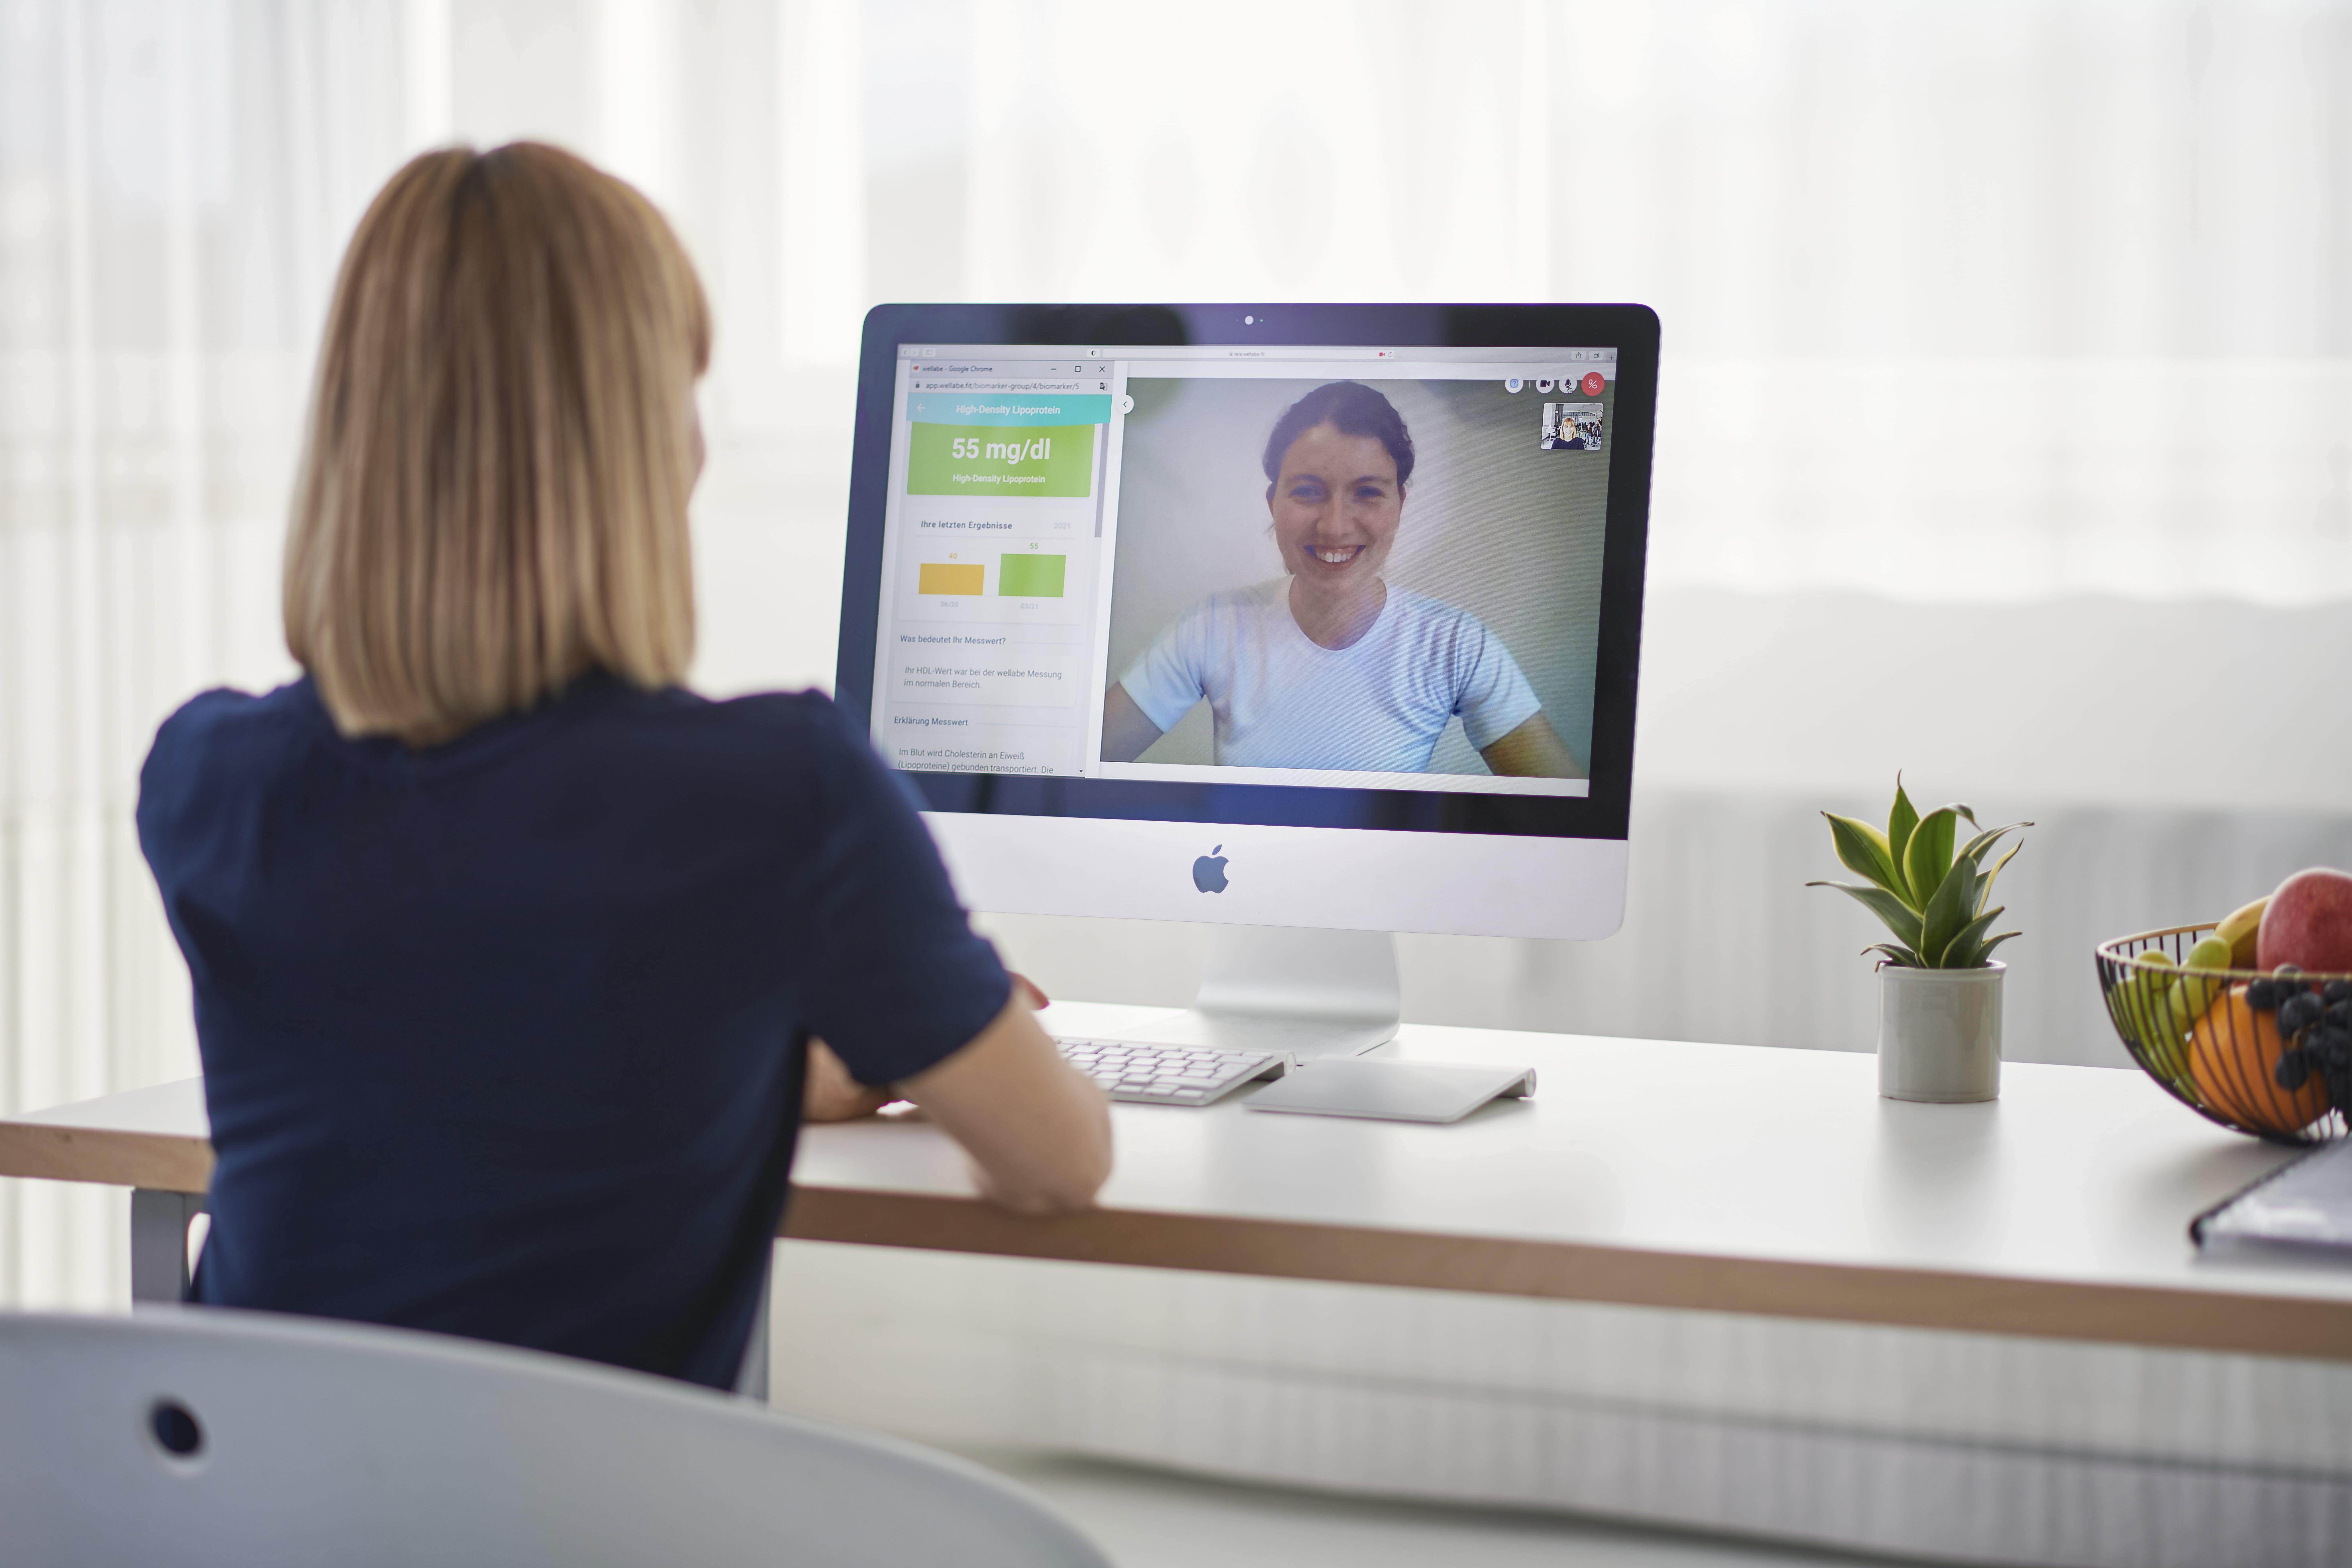 wellabe Online-Gesundheitsberatung